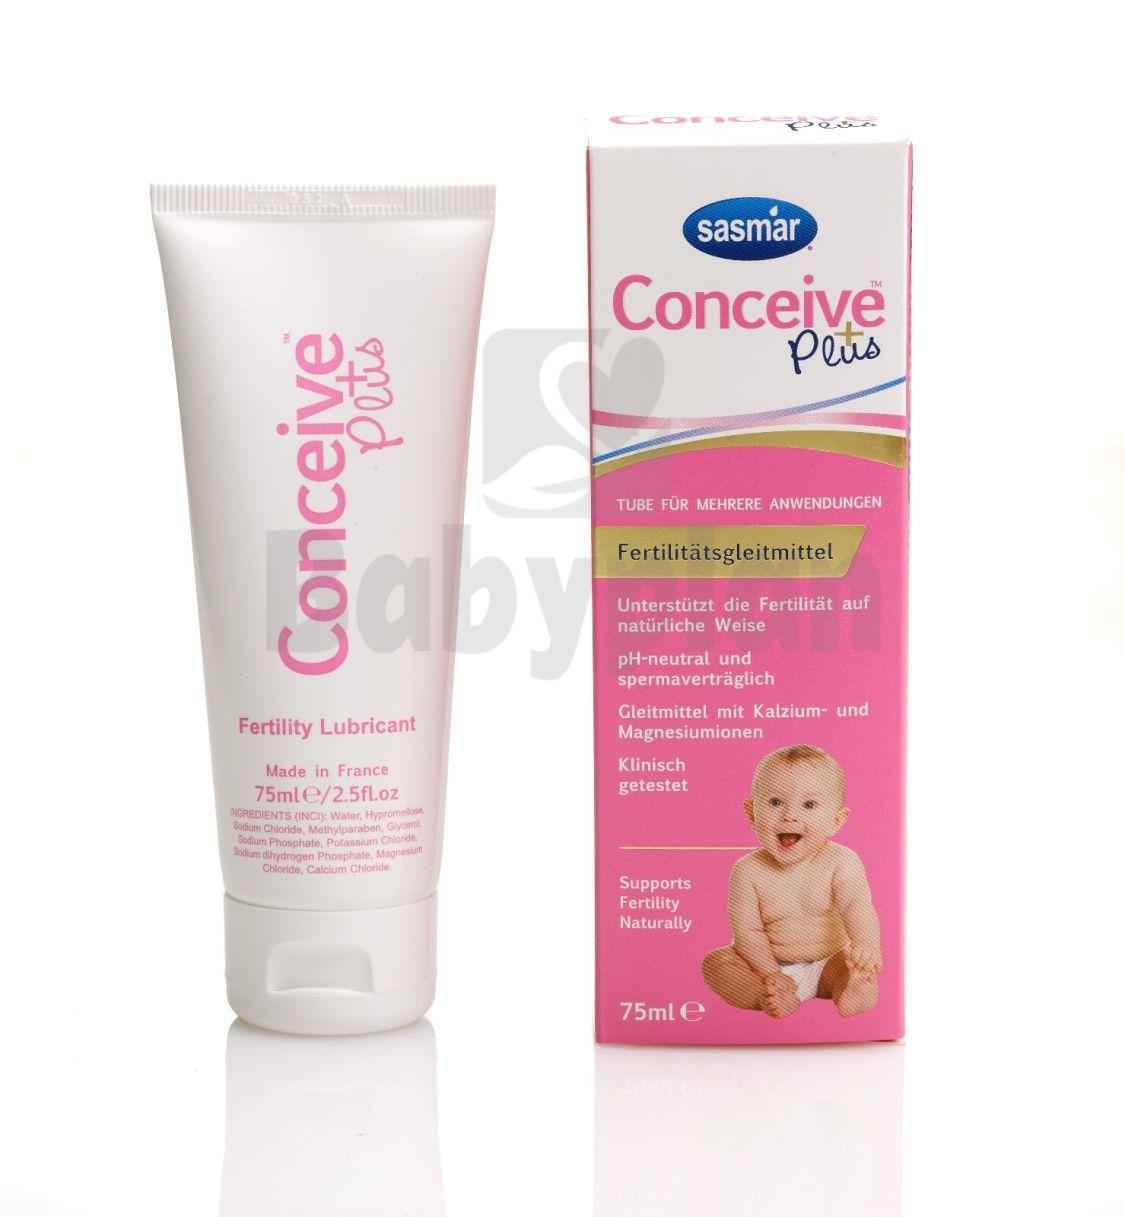 SASMAR Conceive Plus Fertilitätsgleitmittel Gleitgel bei Kinderwunsch Tube 75ml